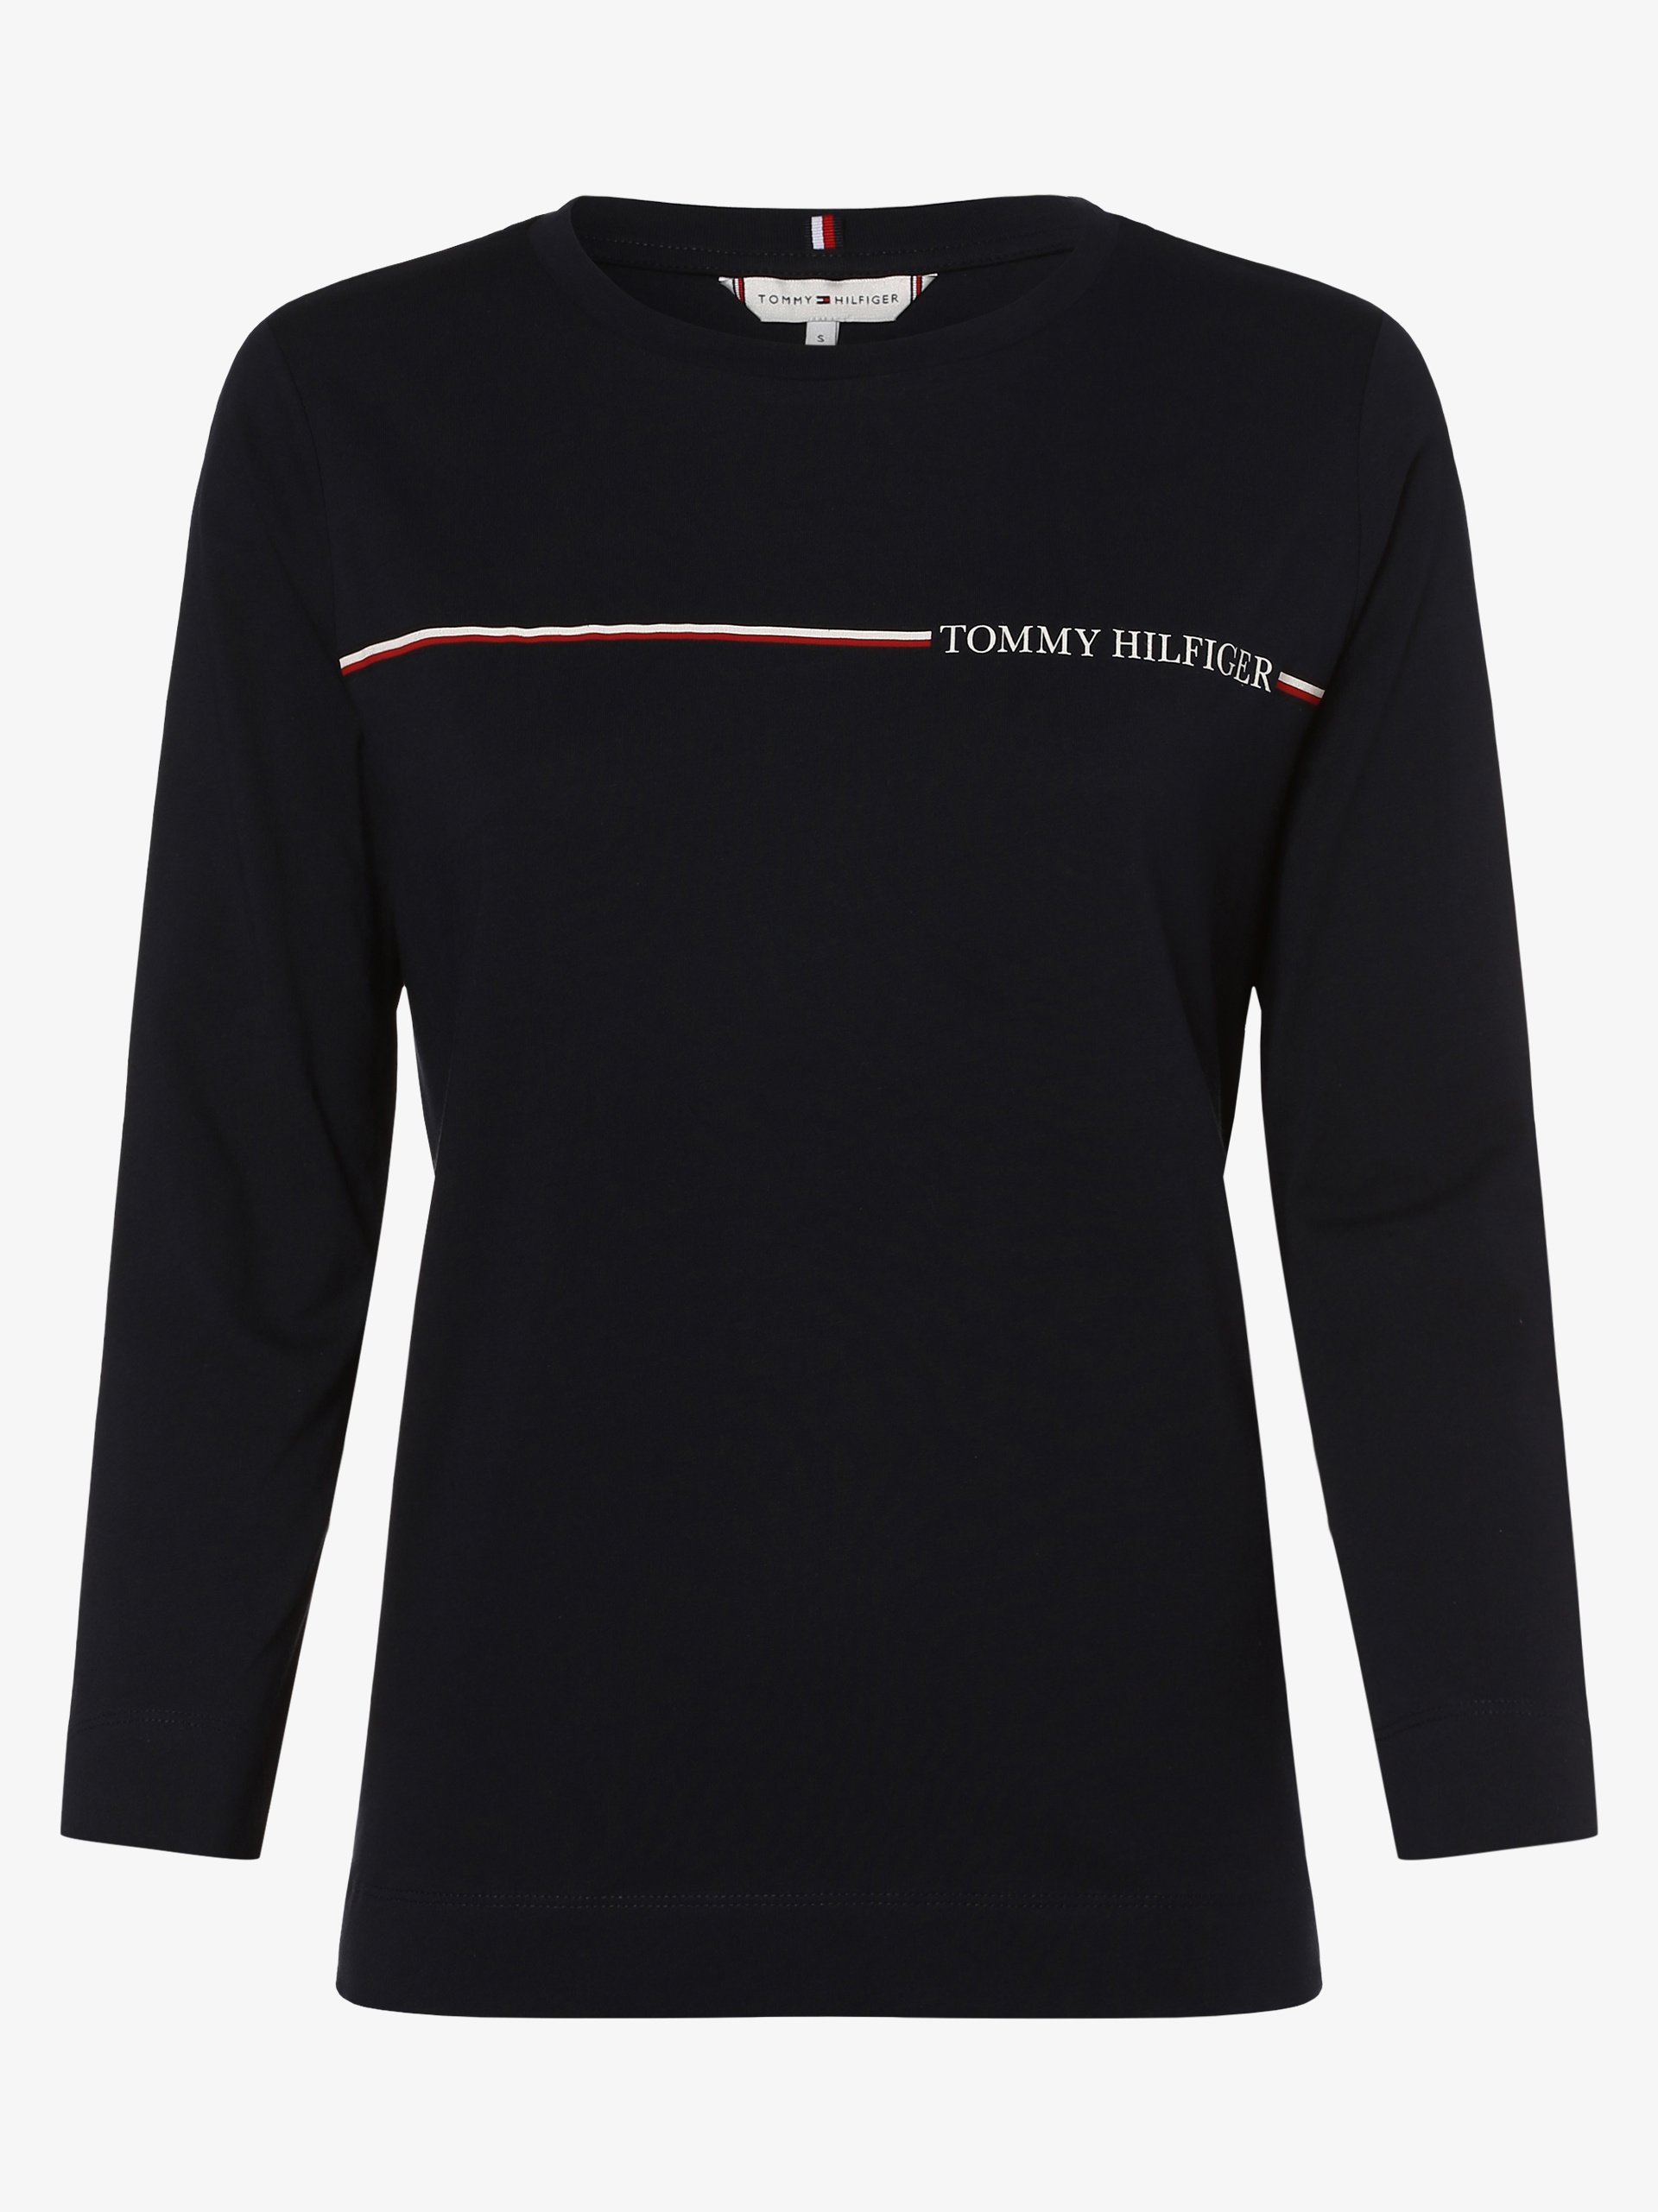 Tommy Hilfiger Damska koszulka z długim rękawem